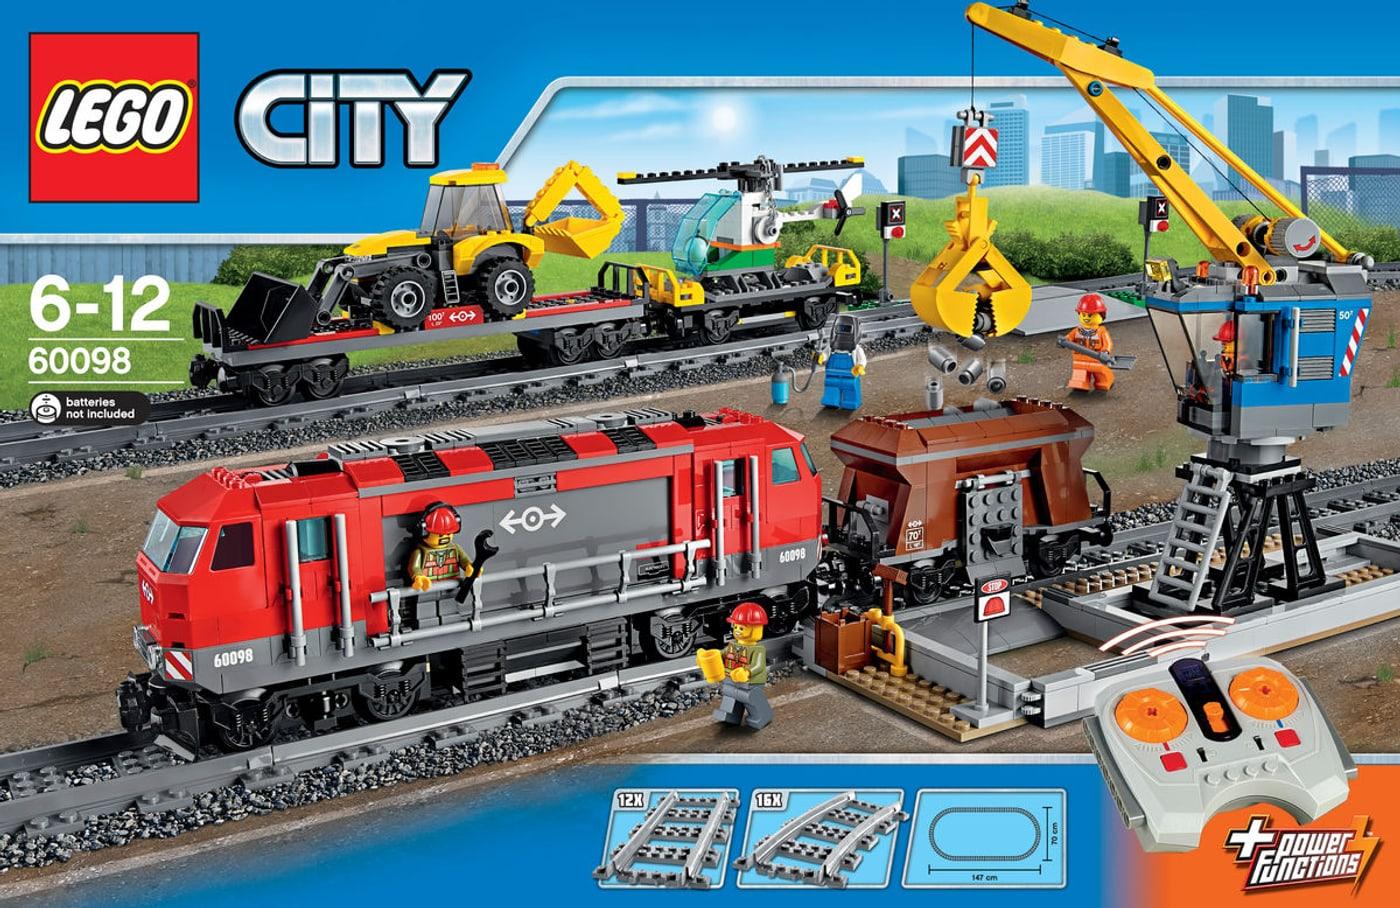 lego city le train de marchandises rouge 60098 migros. Black Bedroom Furniture Sets. Home Design Ideas